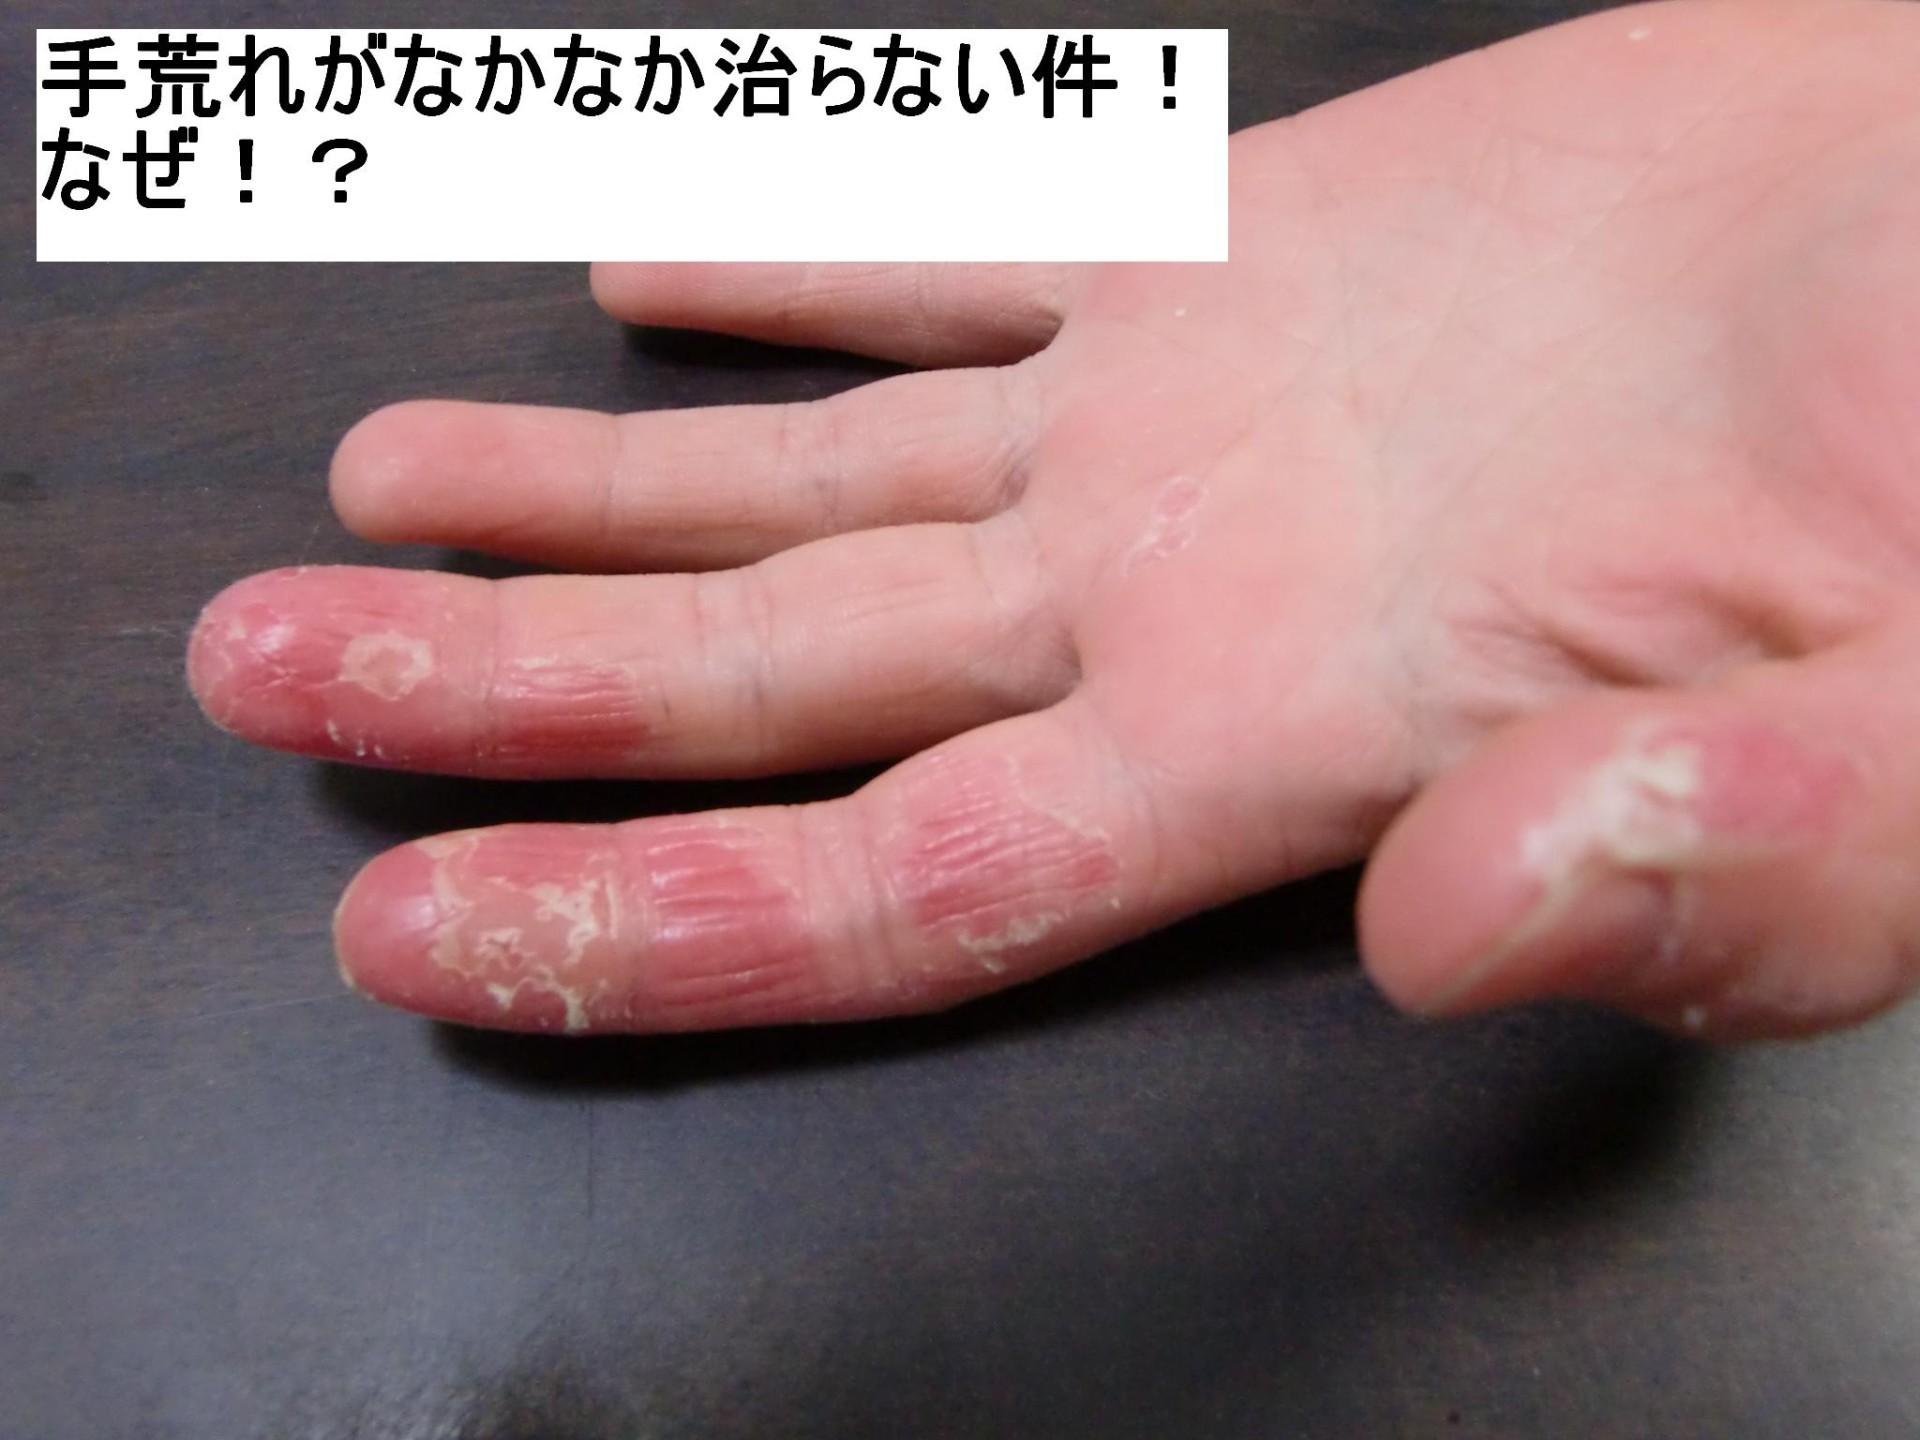 手荒れ、肌荒れの原因は免疫力の低下。不摂生とストレスに注意